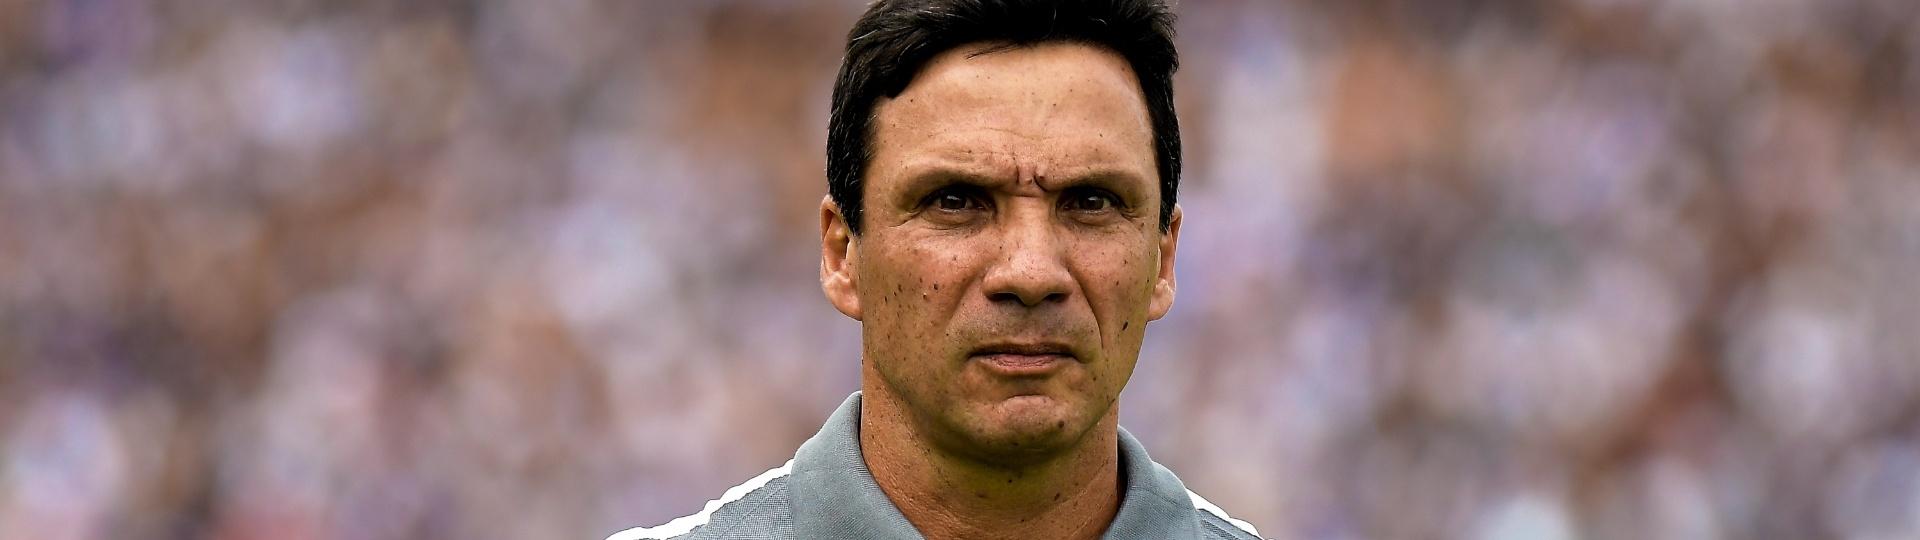 Zé Ricardo, técnico do Vasco, antes do jogo do time contra a Ponte Preta